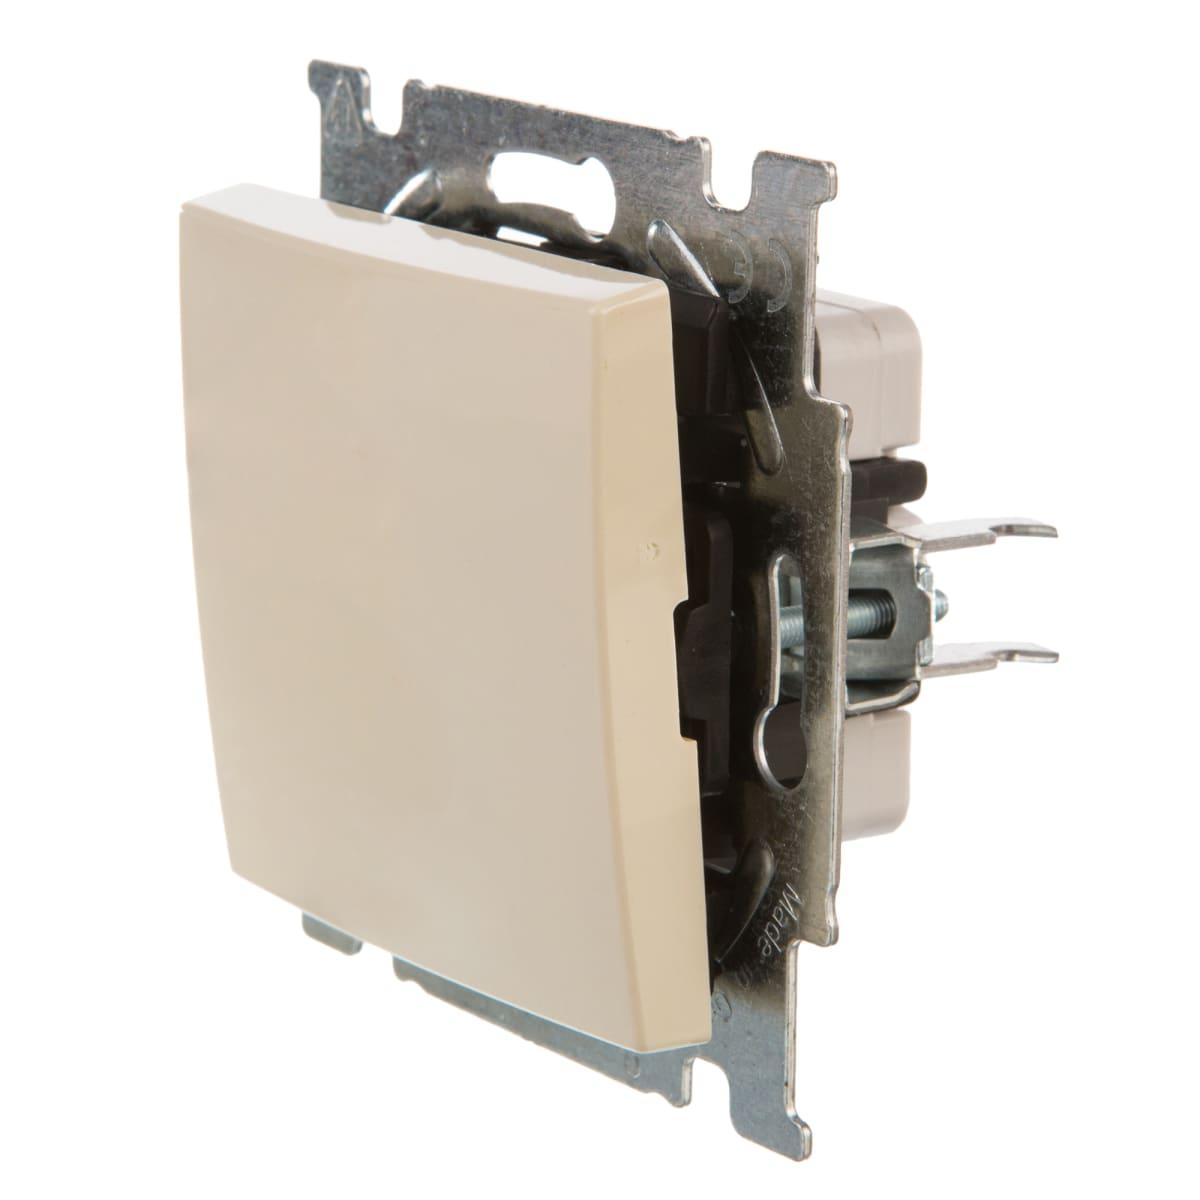 Выключатель встраиваемый ABB Basic 55 1 клавиша, цвет бежевый